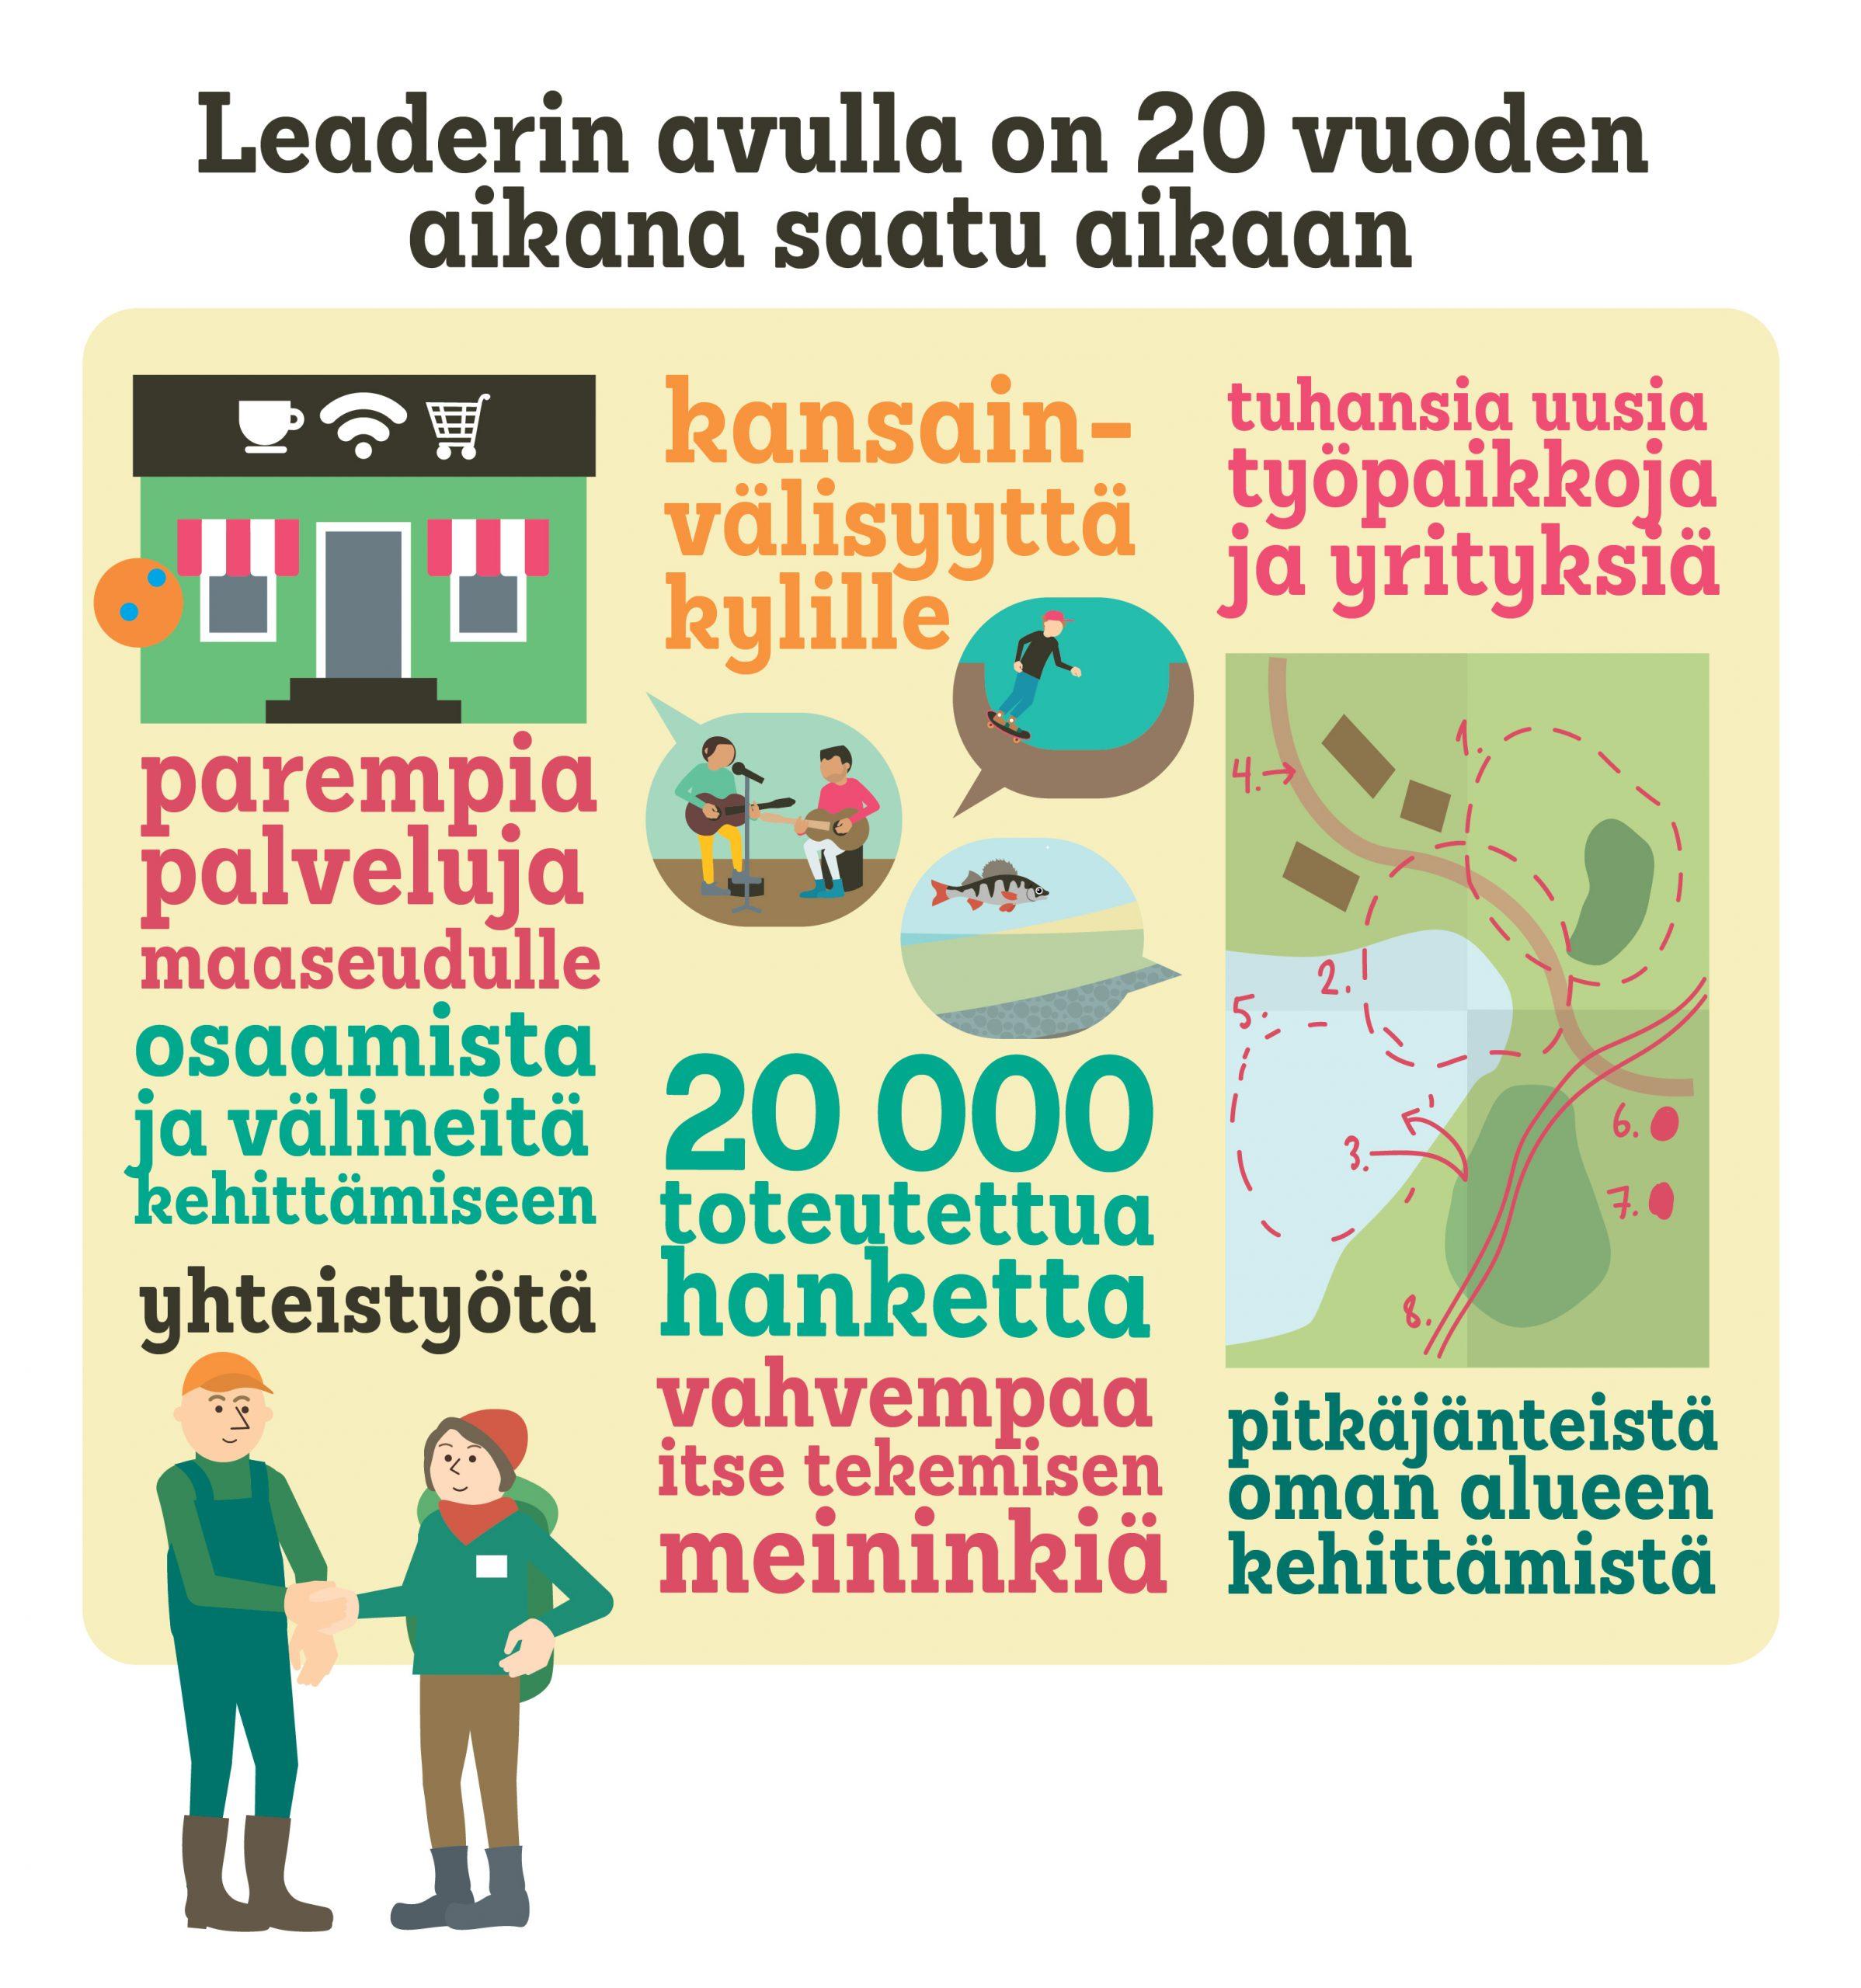 Leader-tilastoja infografiikassa.